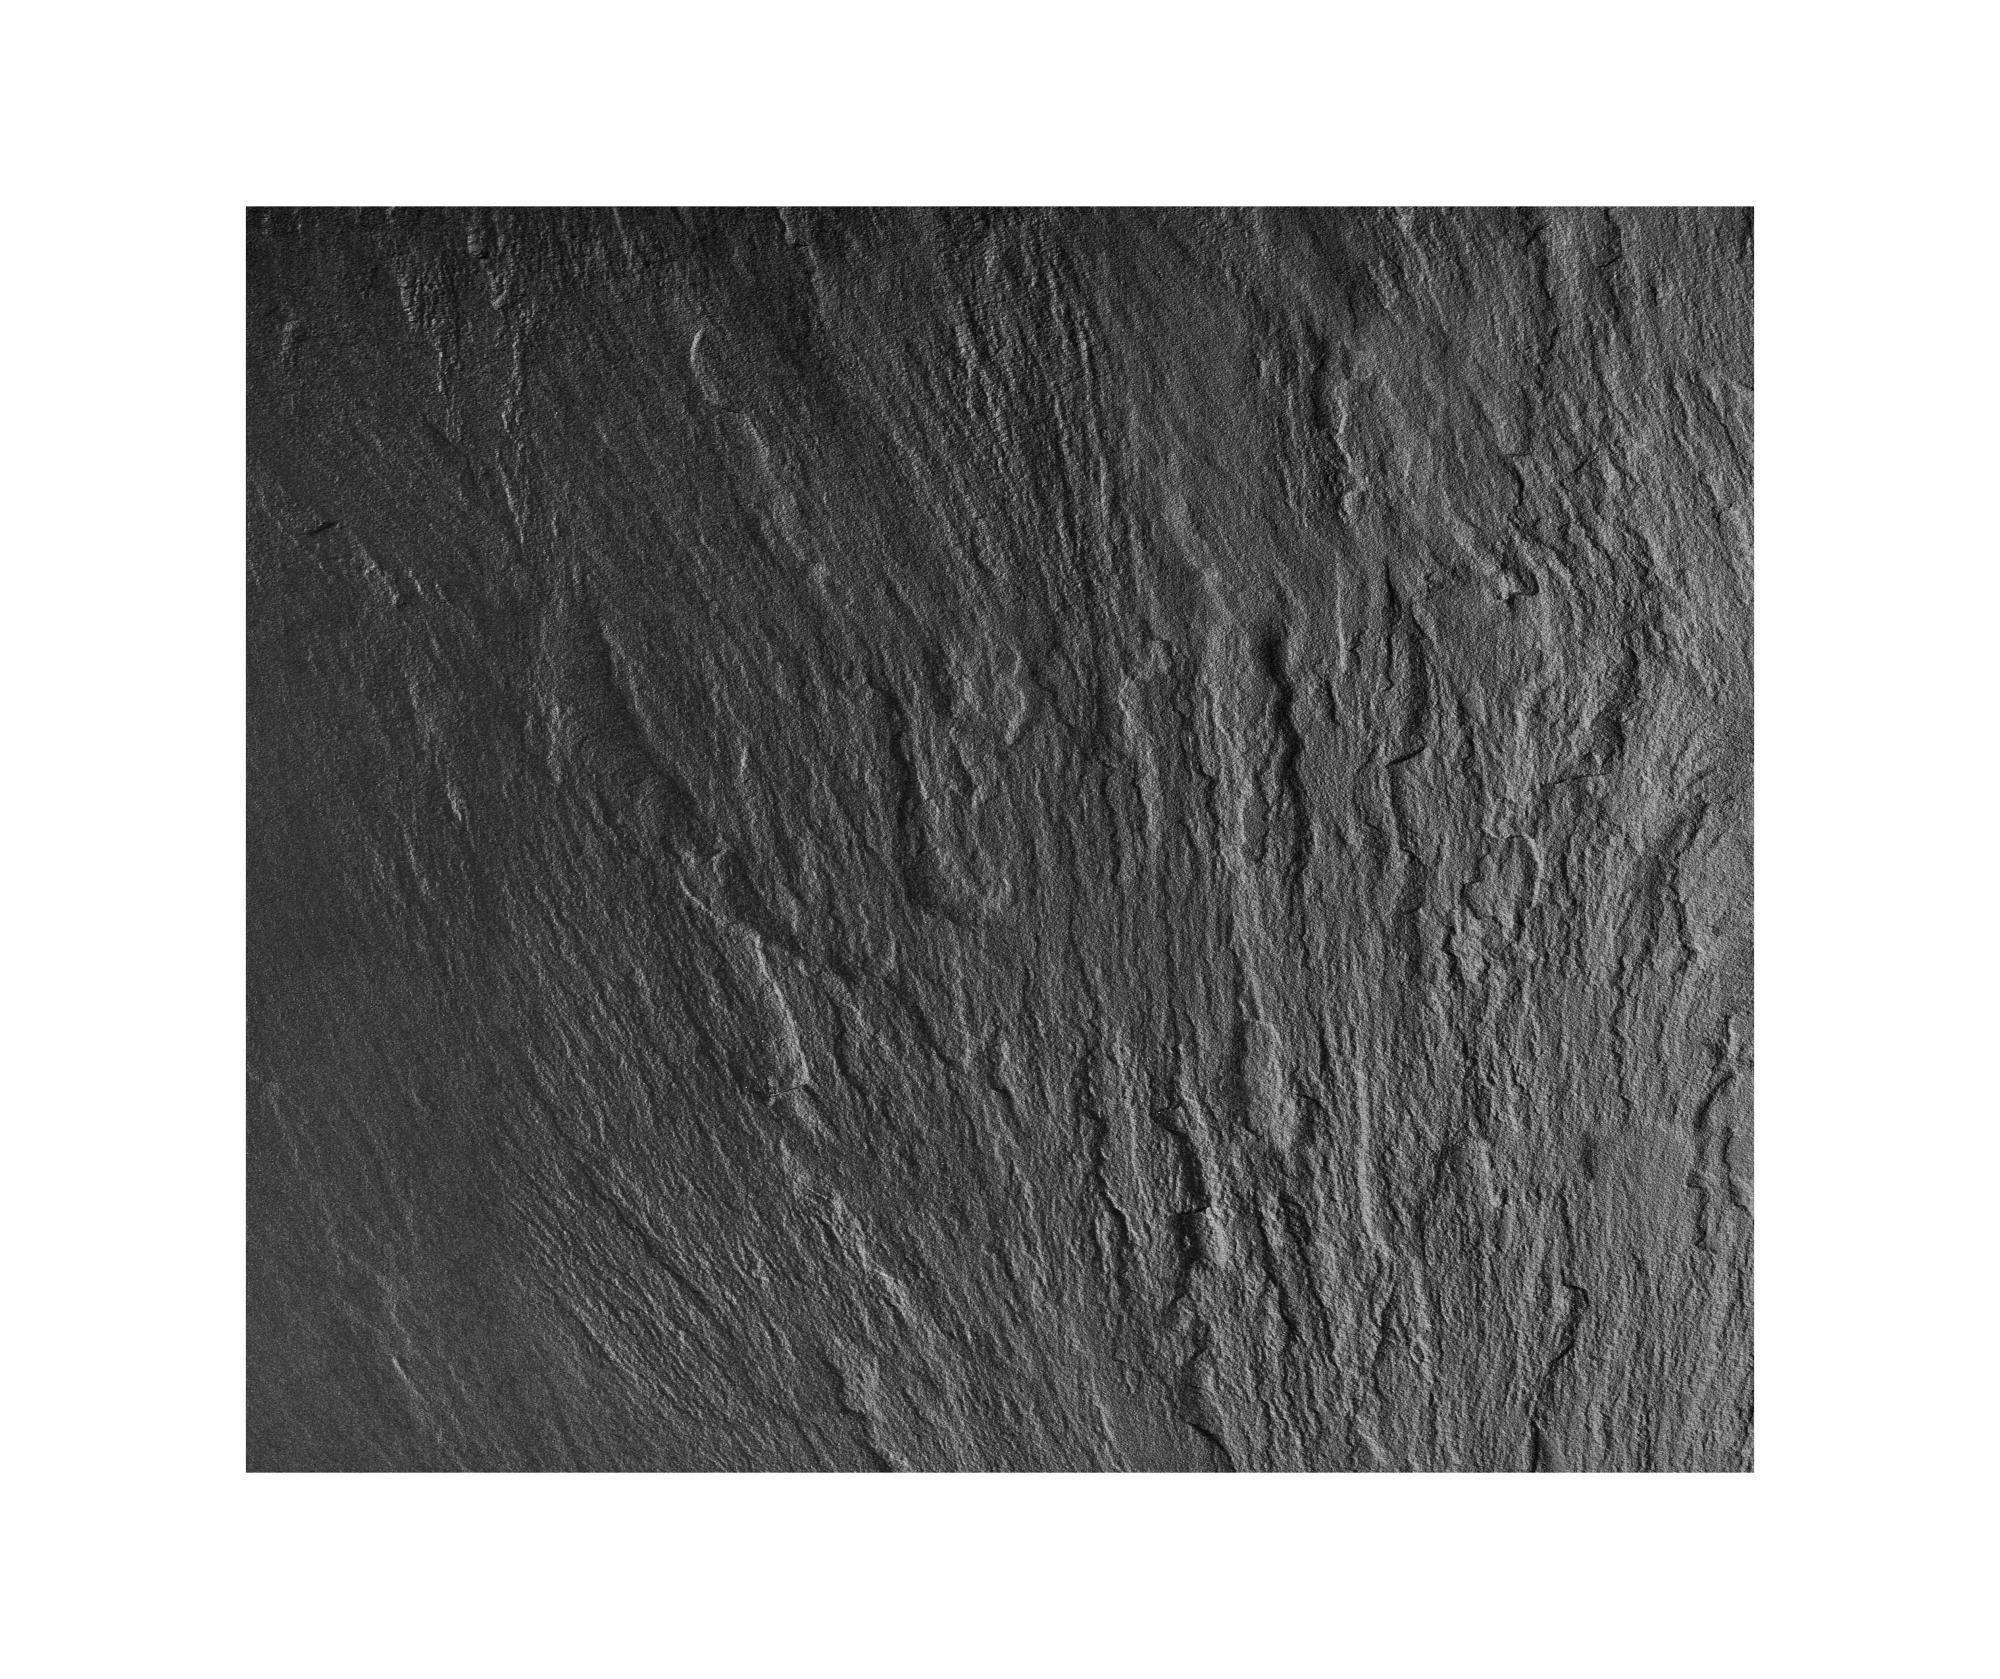 Plansa protectoare pentru perete Slate Rock 50x60 cm - Wenko, Gri & Argintiu